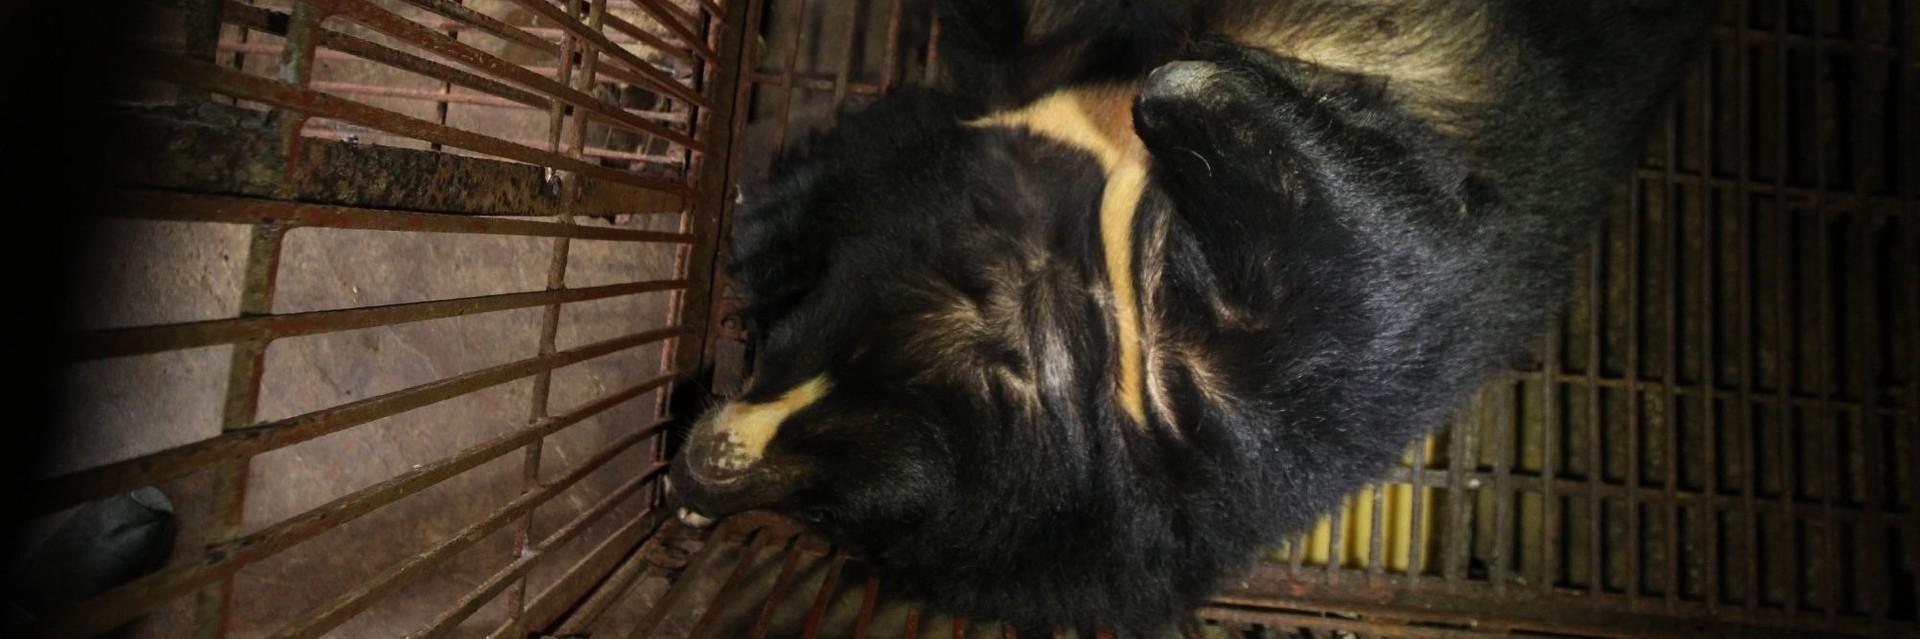 Pétition pour sauver les ours à bile